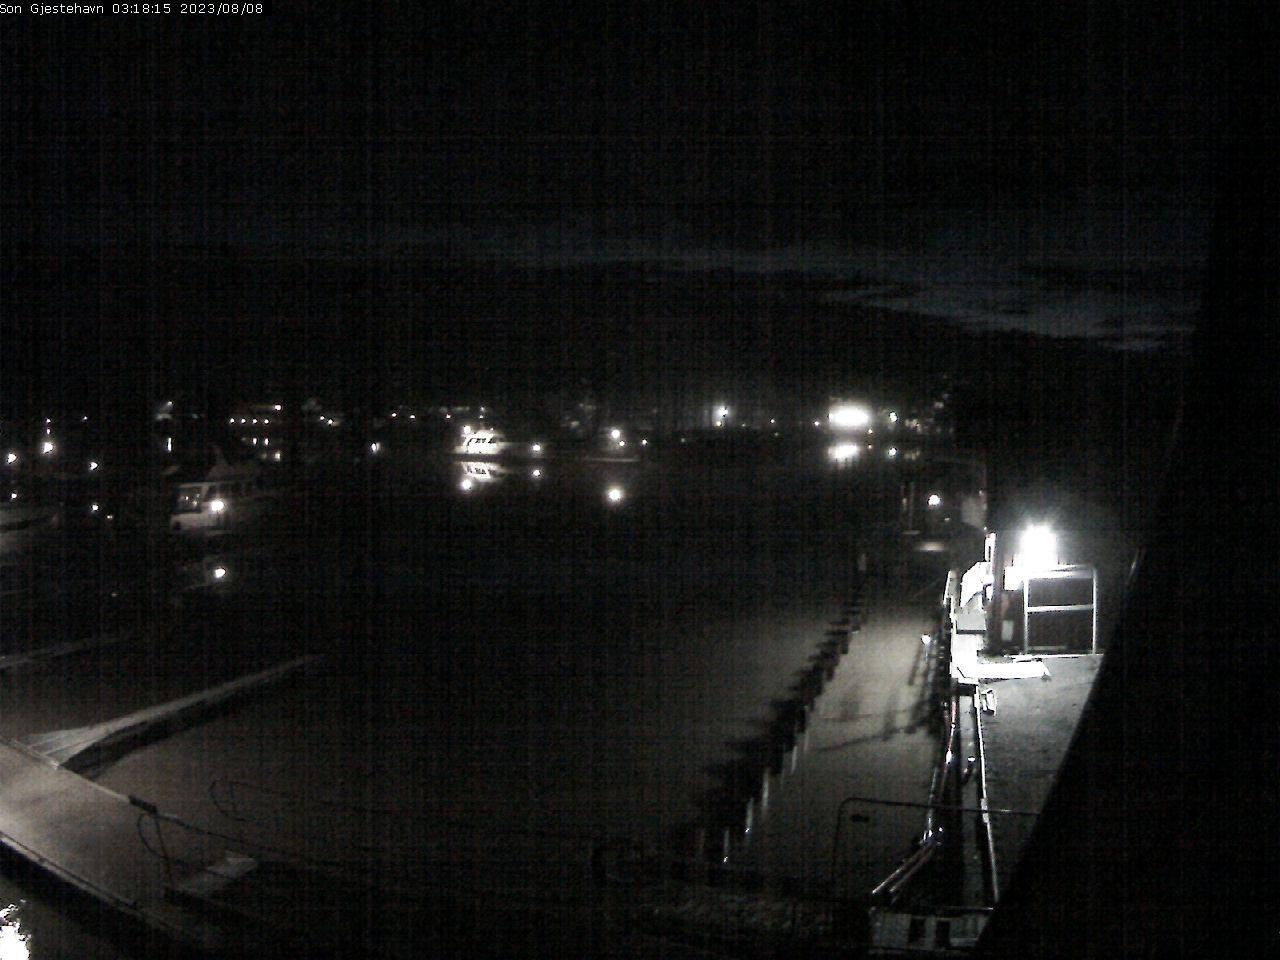 Son Gjestehavn - Indre havnebasseng mot brygge NB